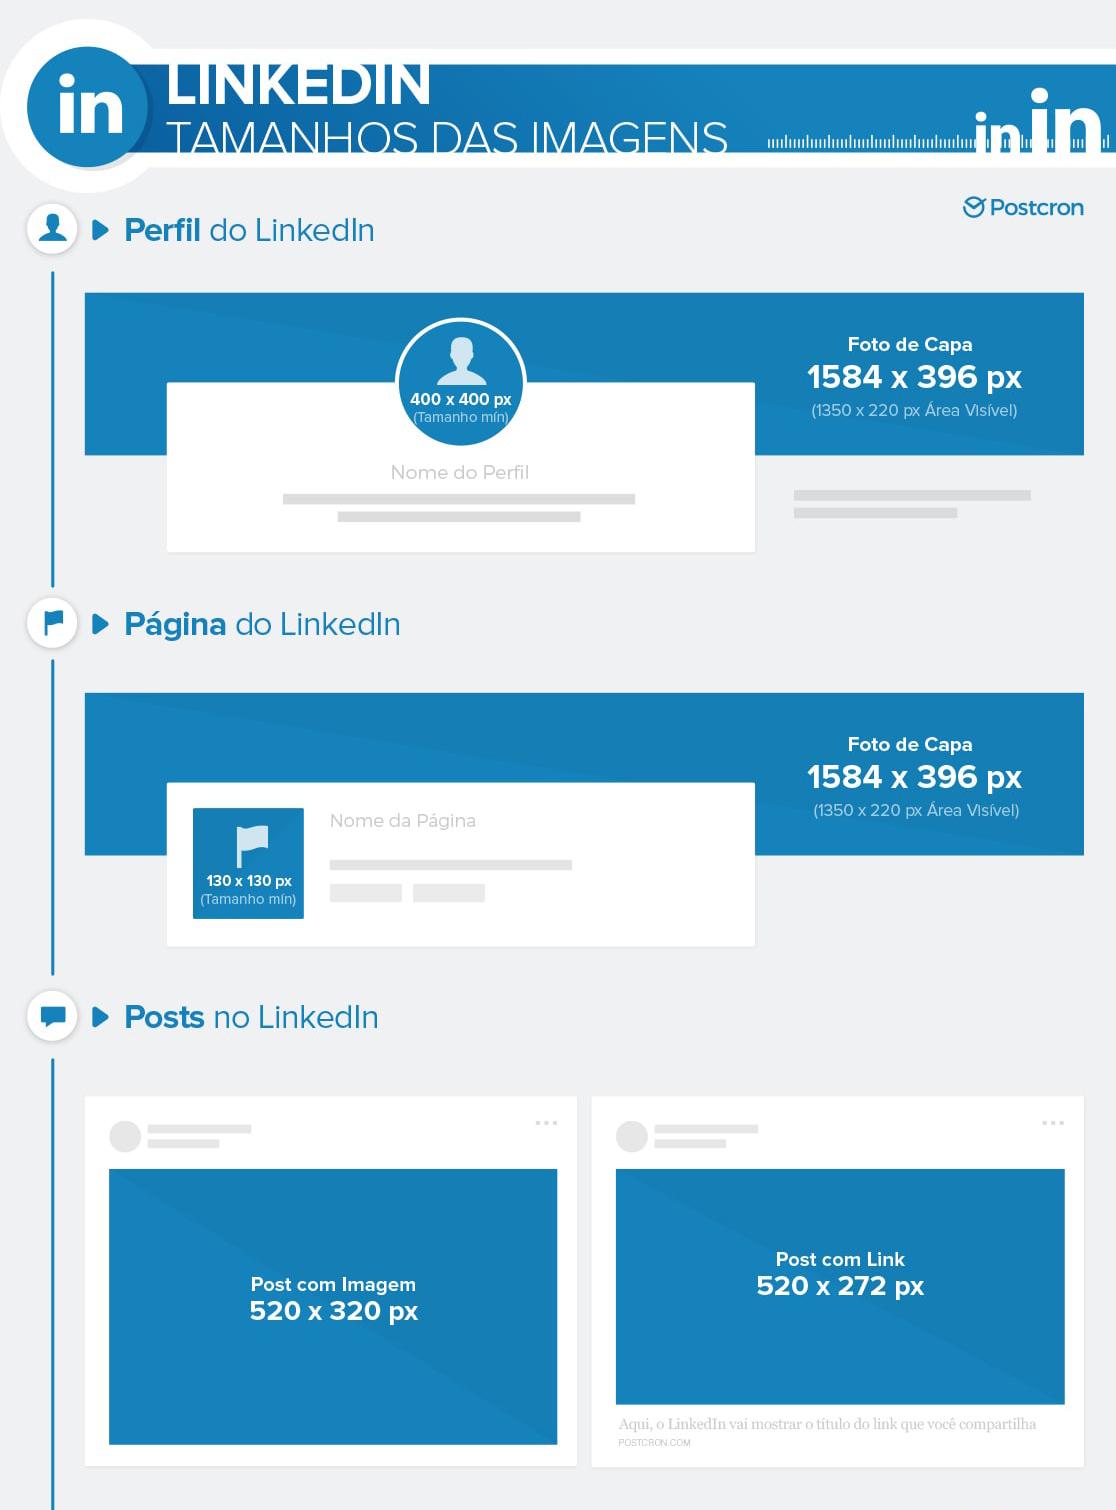 Dimensões-das-imagens-para-LinkedIn-2018